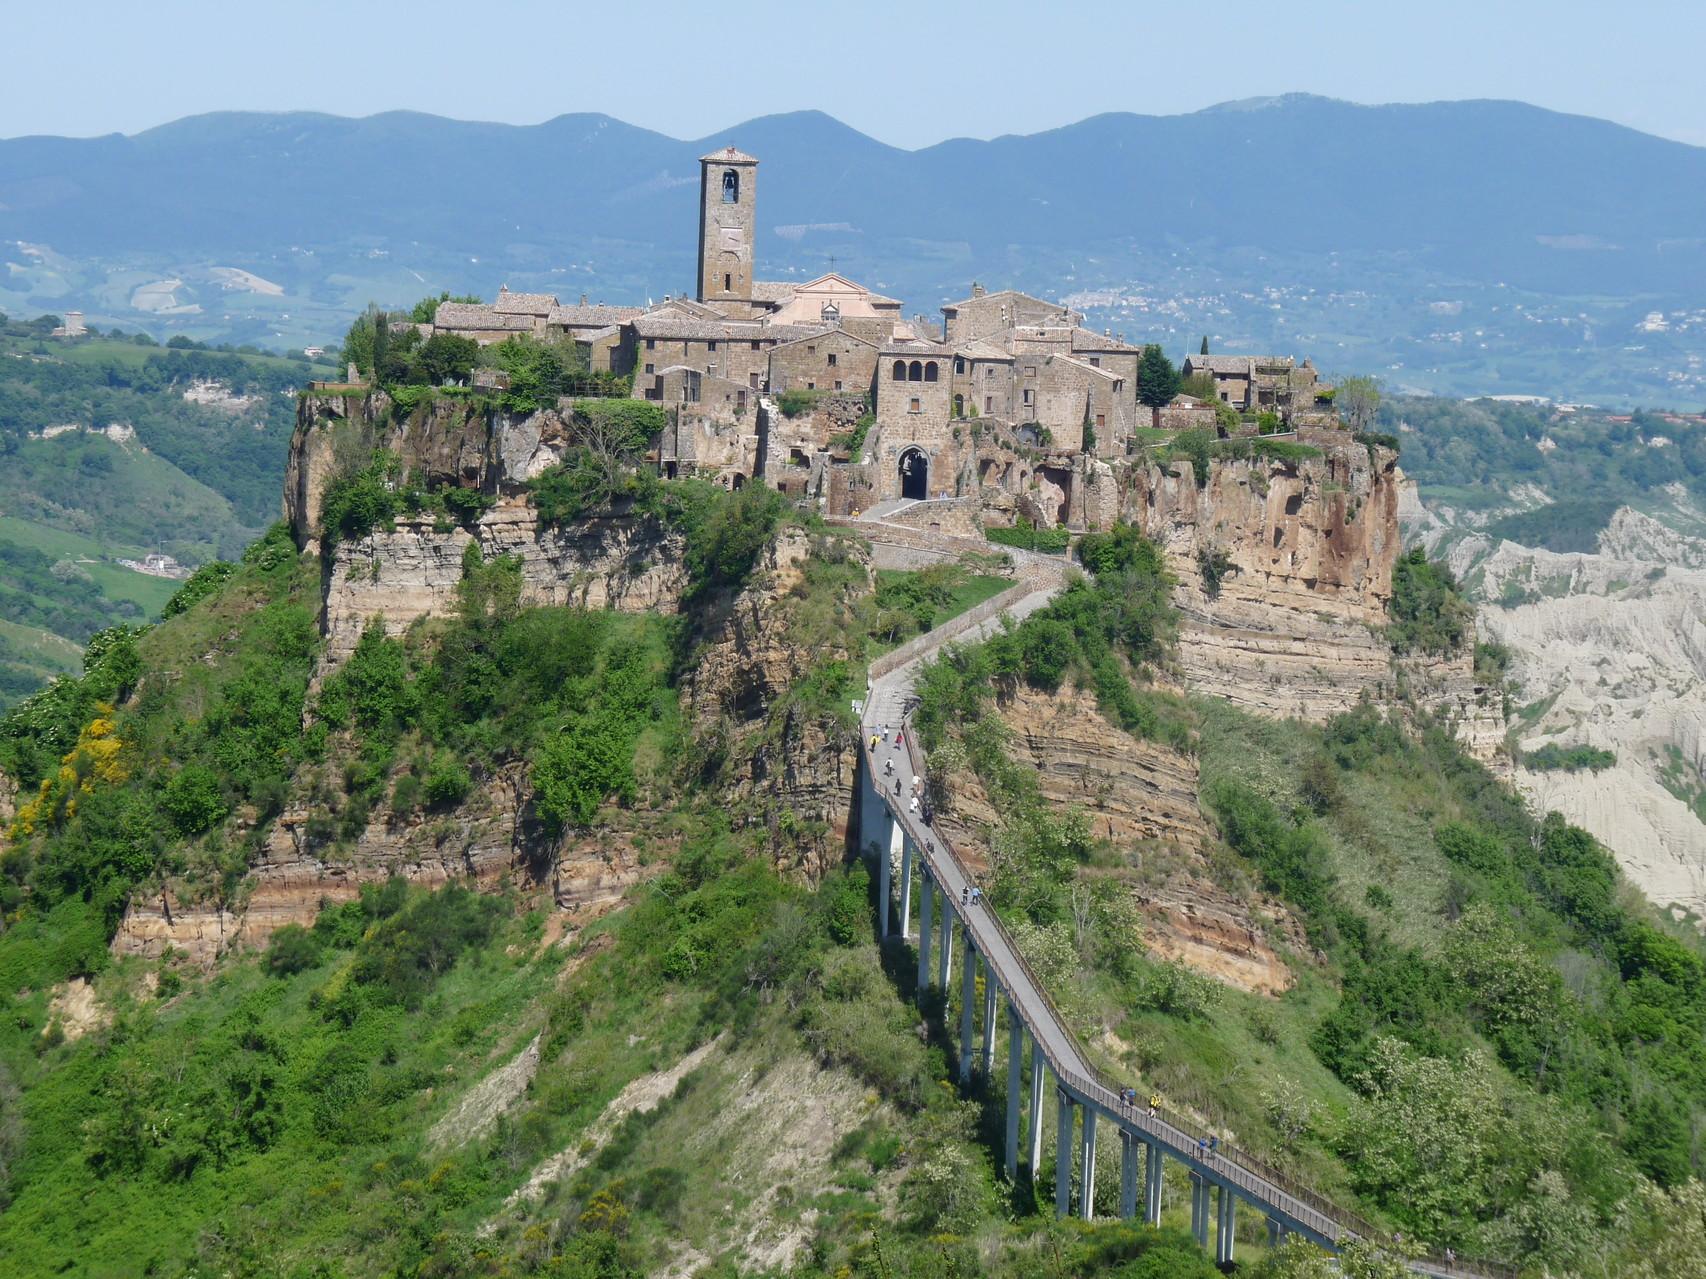 Un petit village perché sur une montagne : Bagnoregio